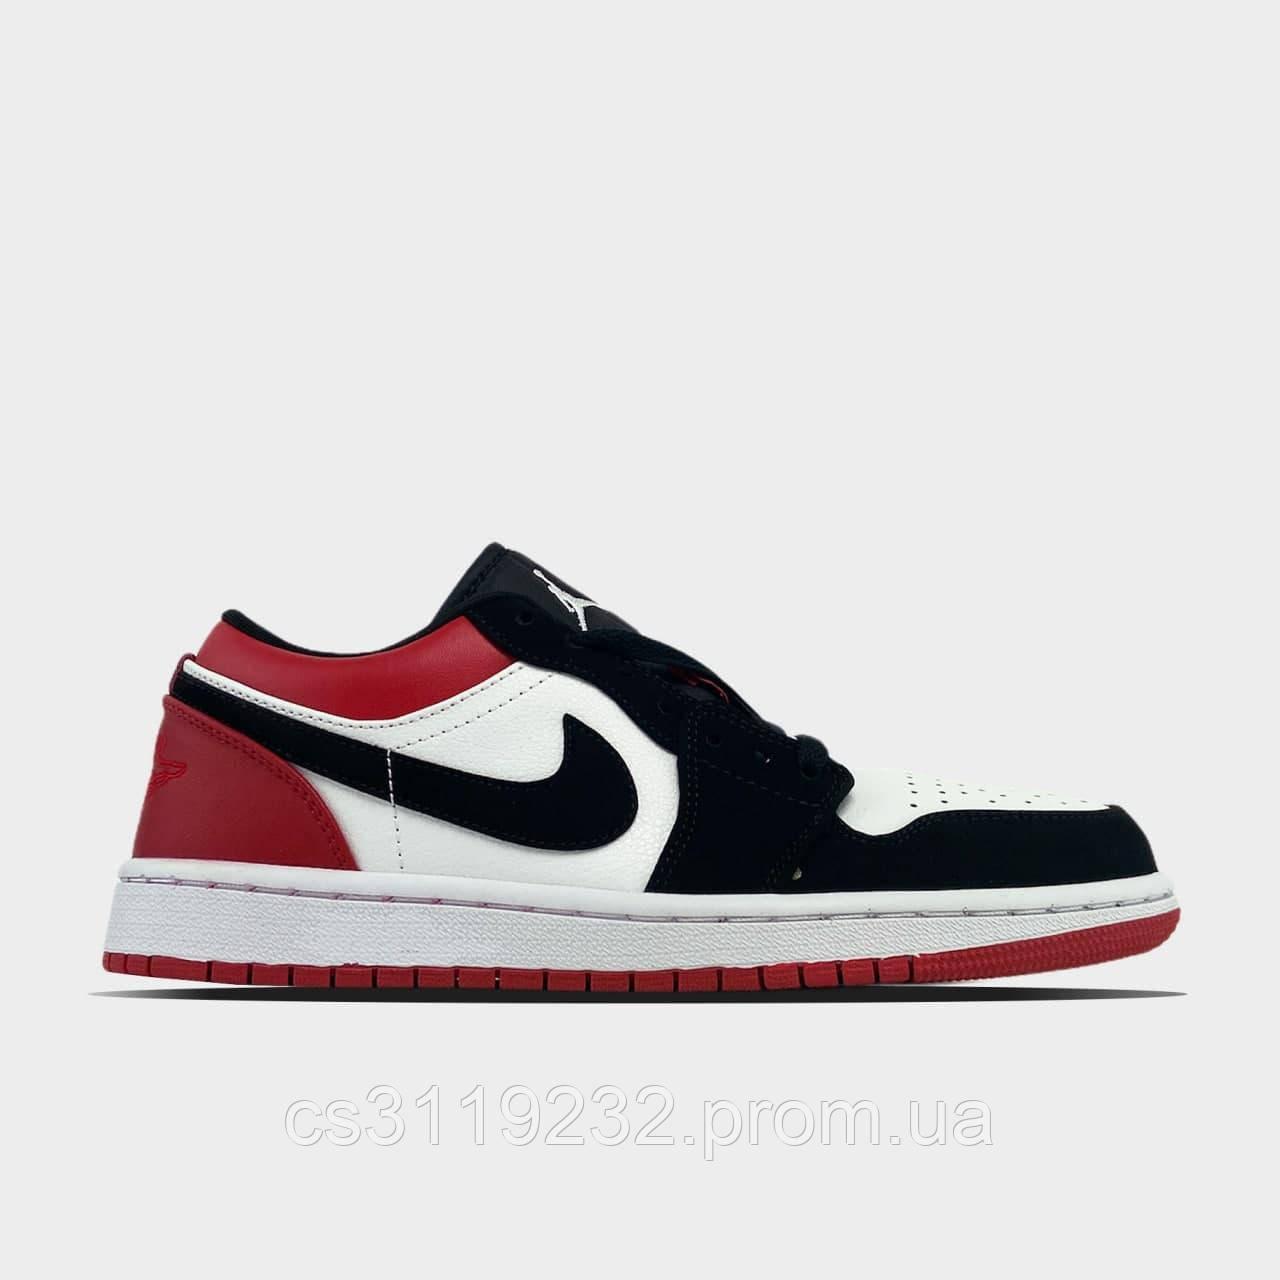 Чоловічі кросівки Nike Air Jordan 1 Low Red White (червоний)